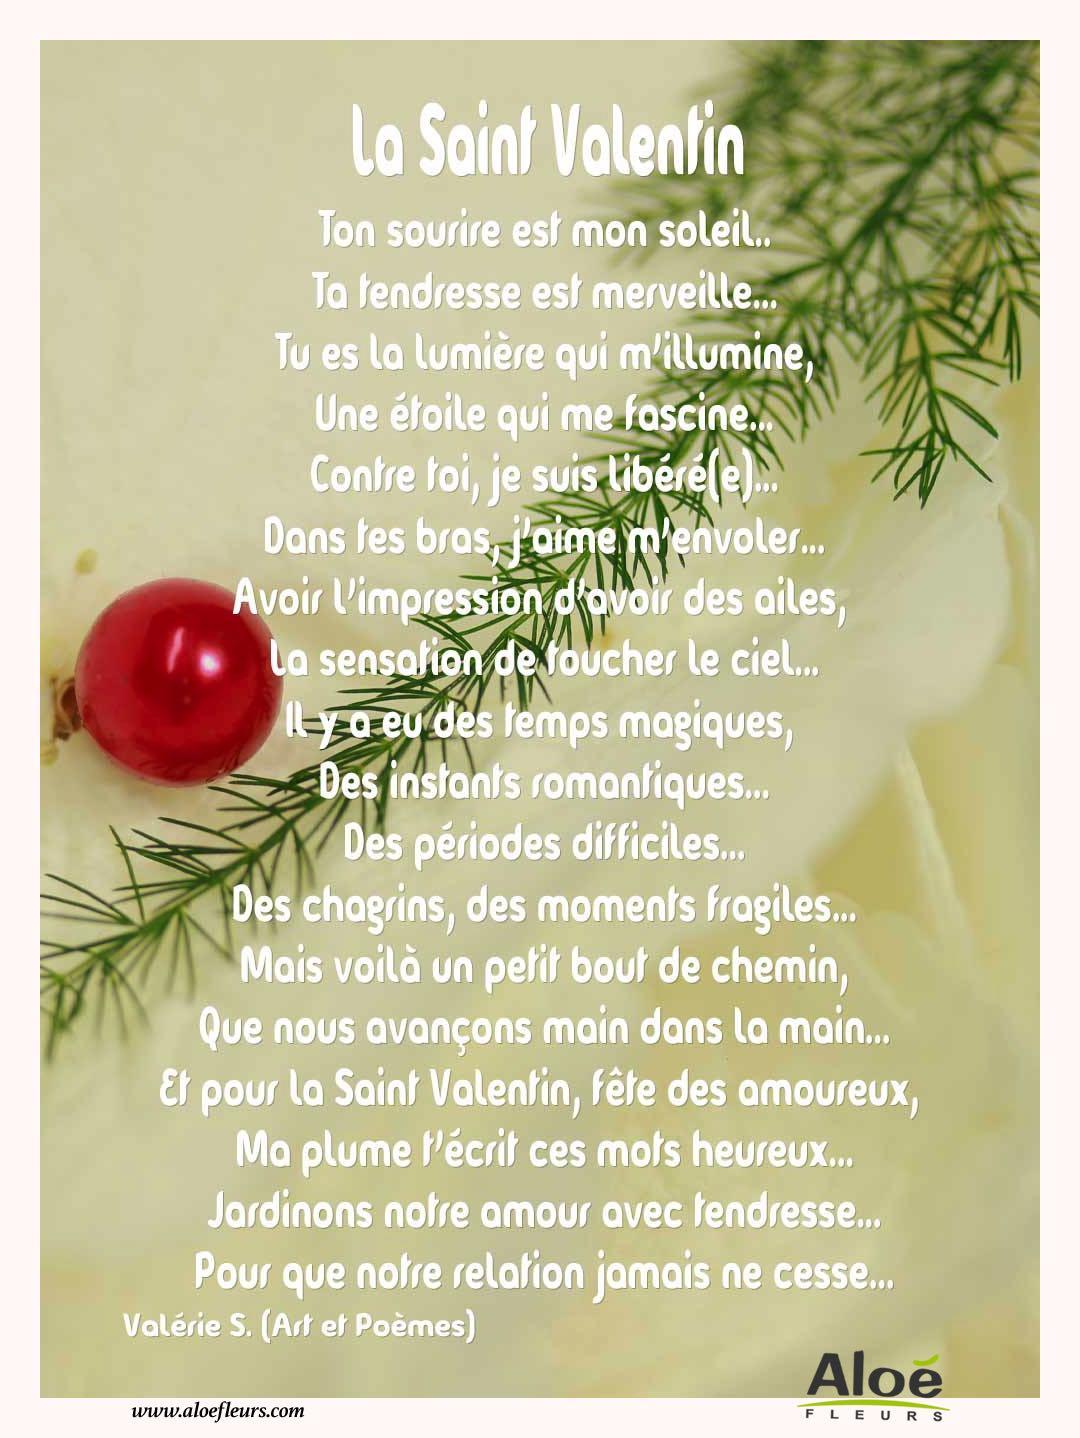 Citations d 39 amour et saint valentin la saint valentin 8 aloe fleurs - Poeme d amour pour la saint valentin ...